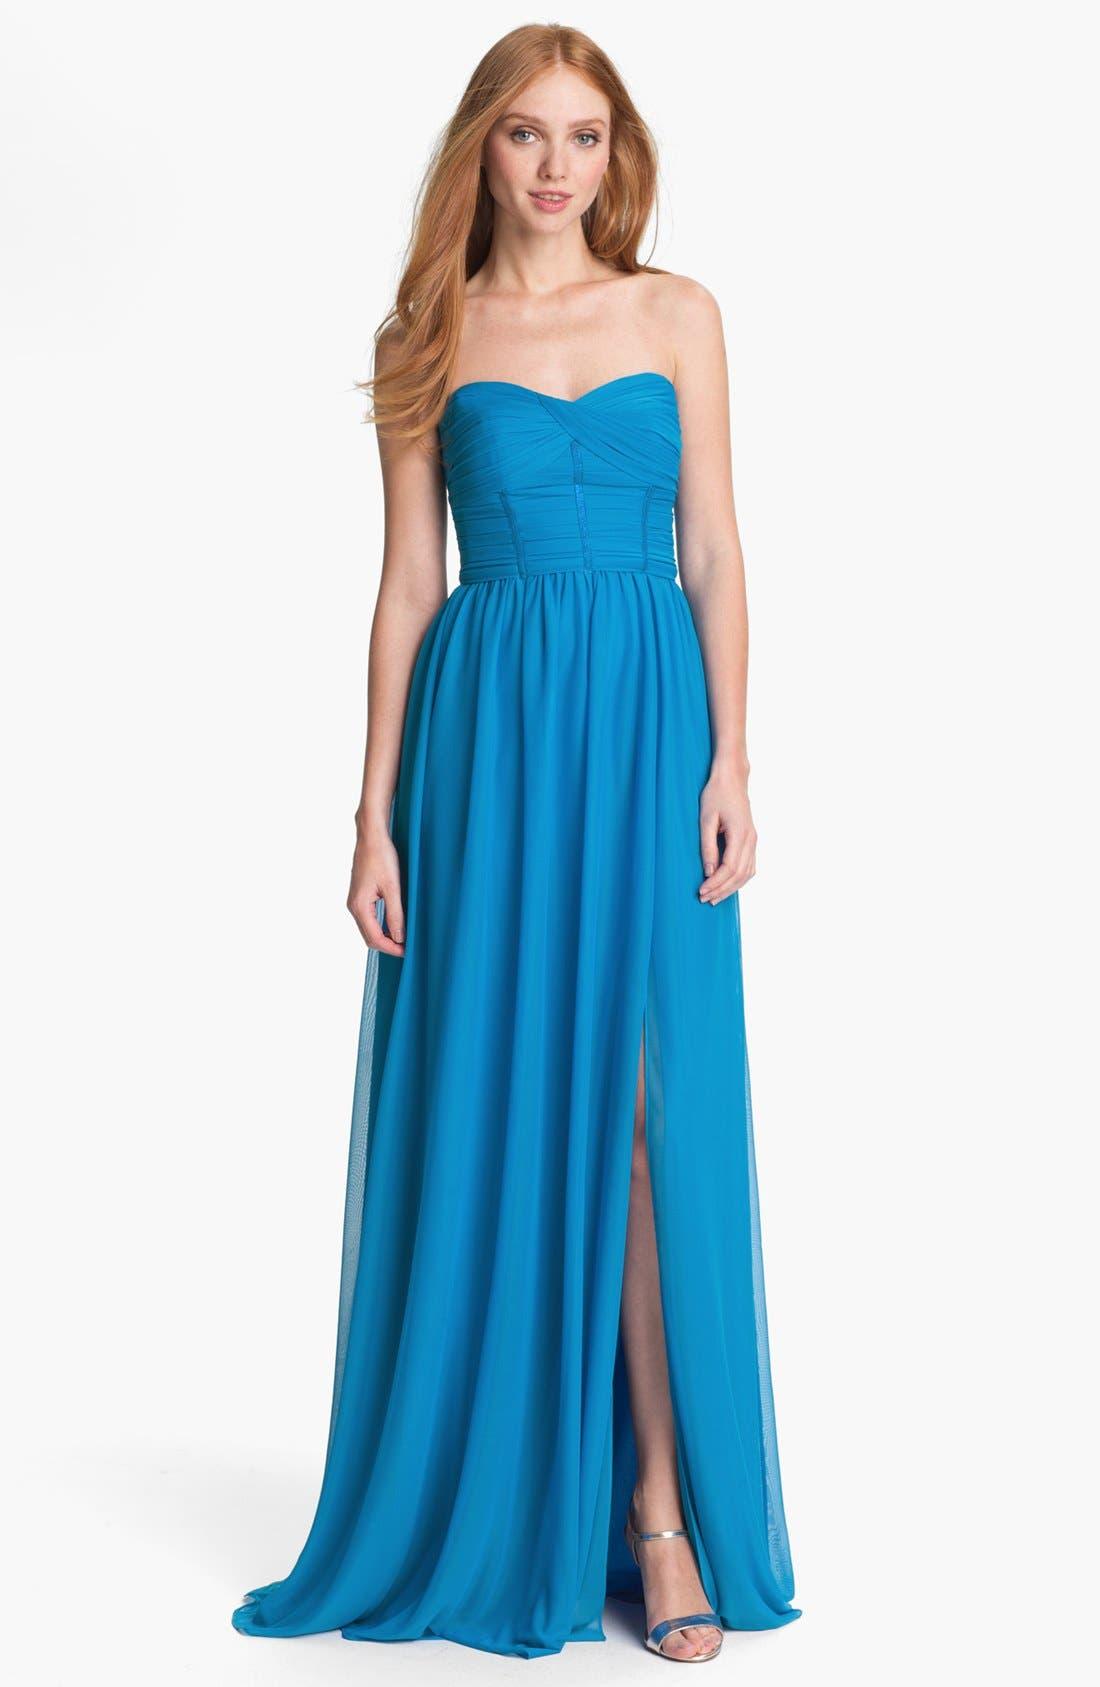 Main Image - ML Monique Lhuillier Bridesmaids Strapless Mesh Gown